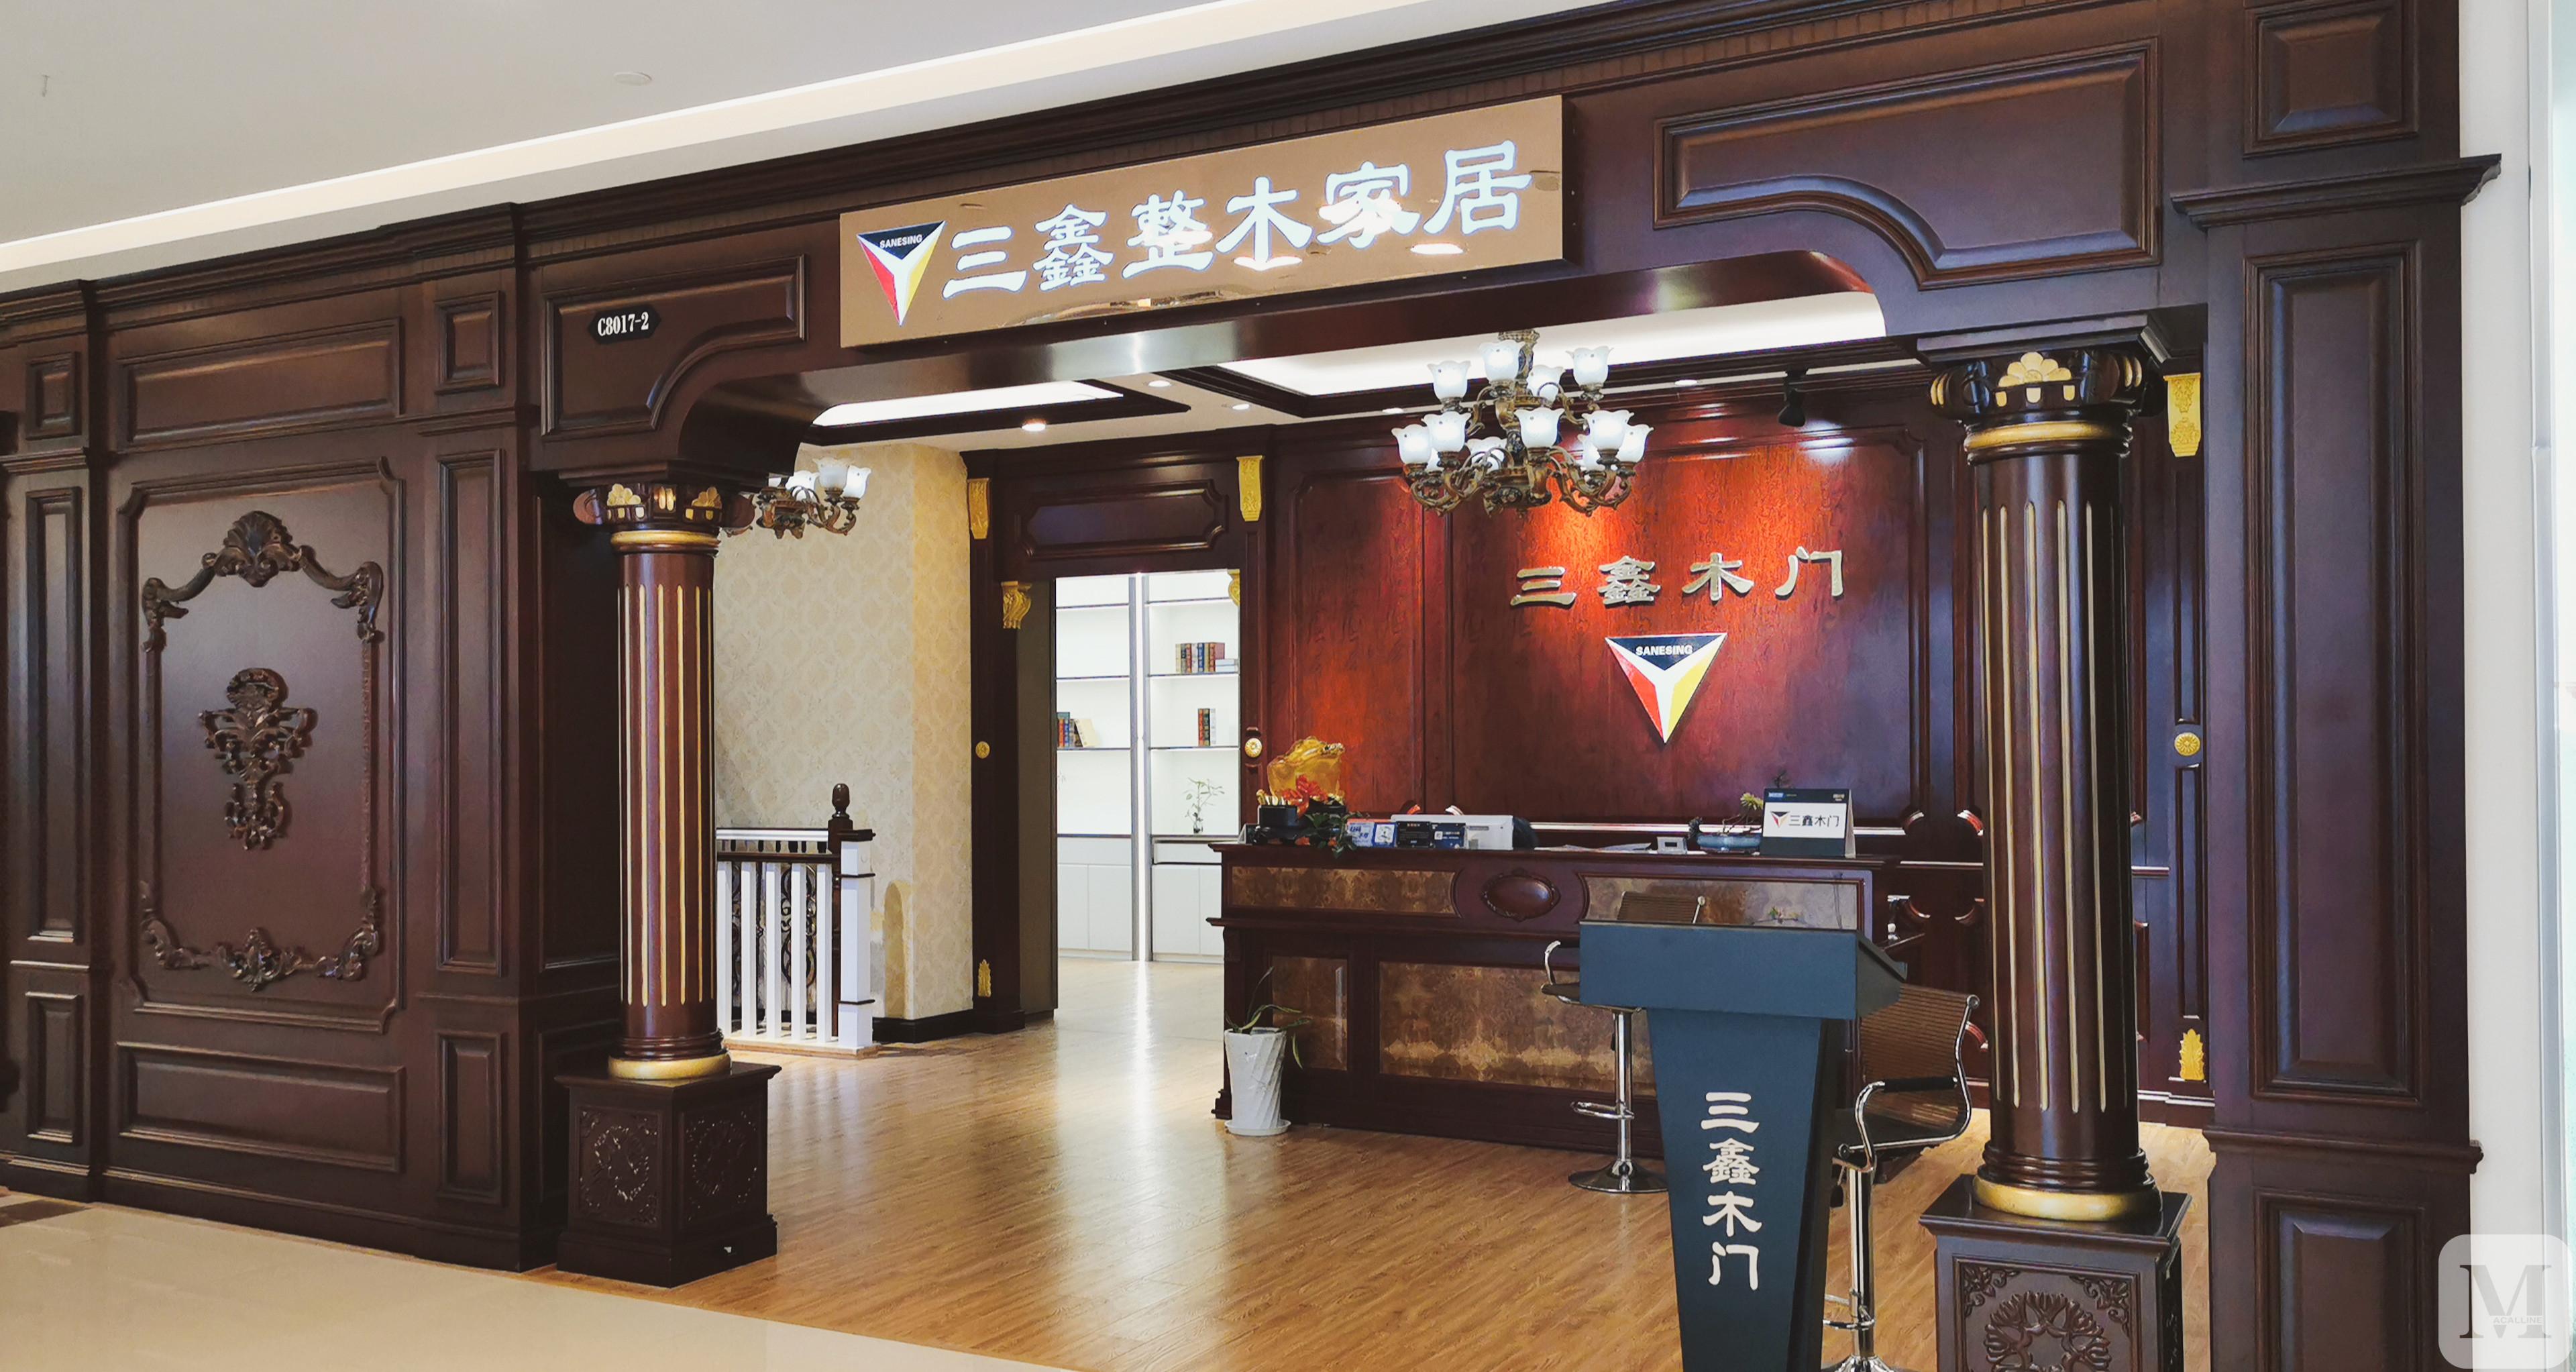 三鑫(红星美凯龙上海金山商场)